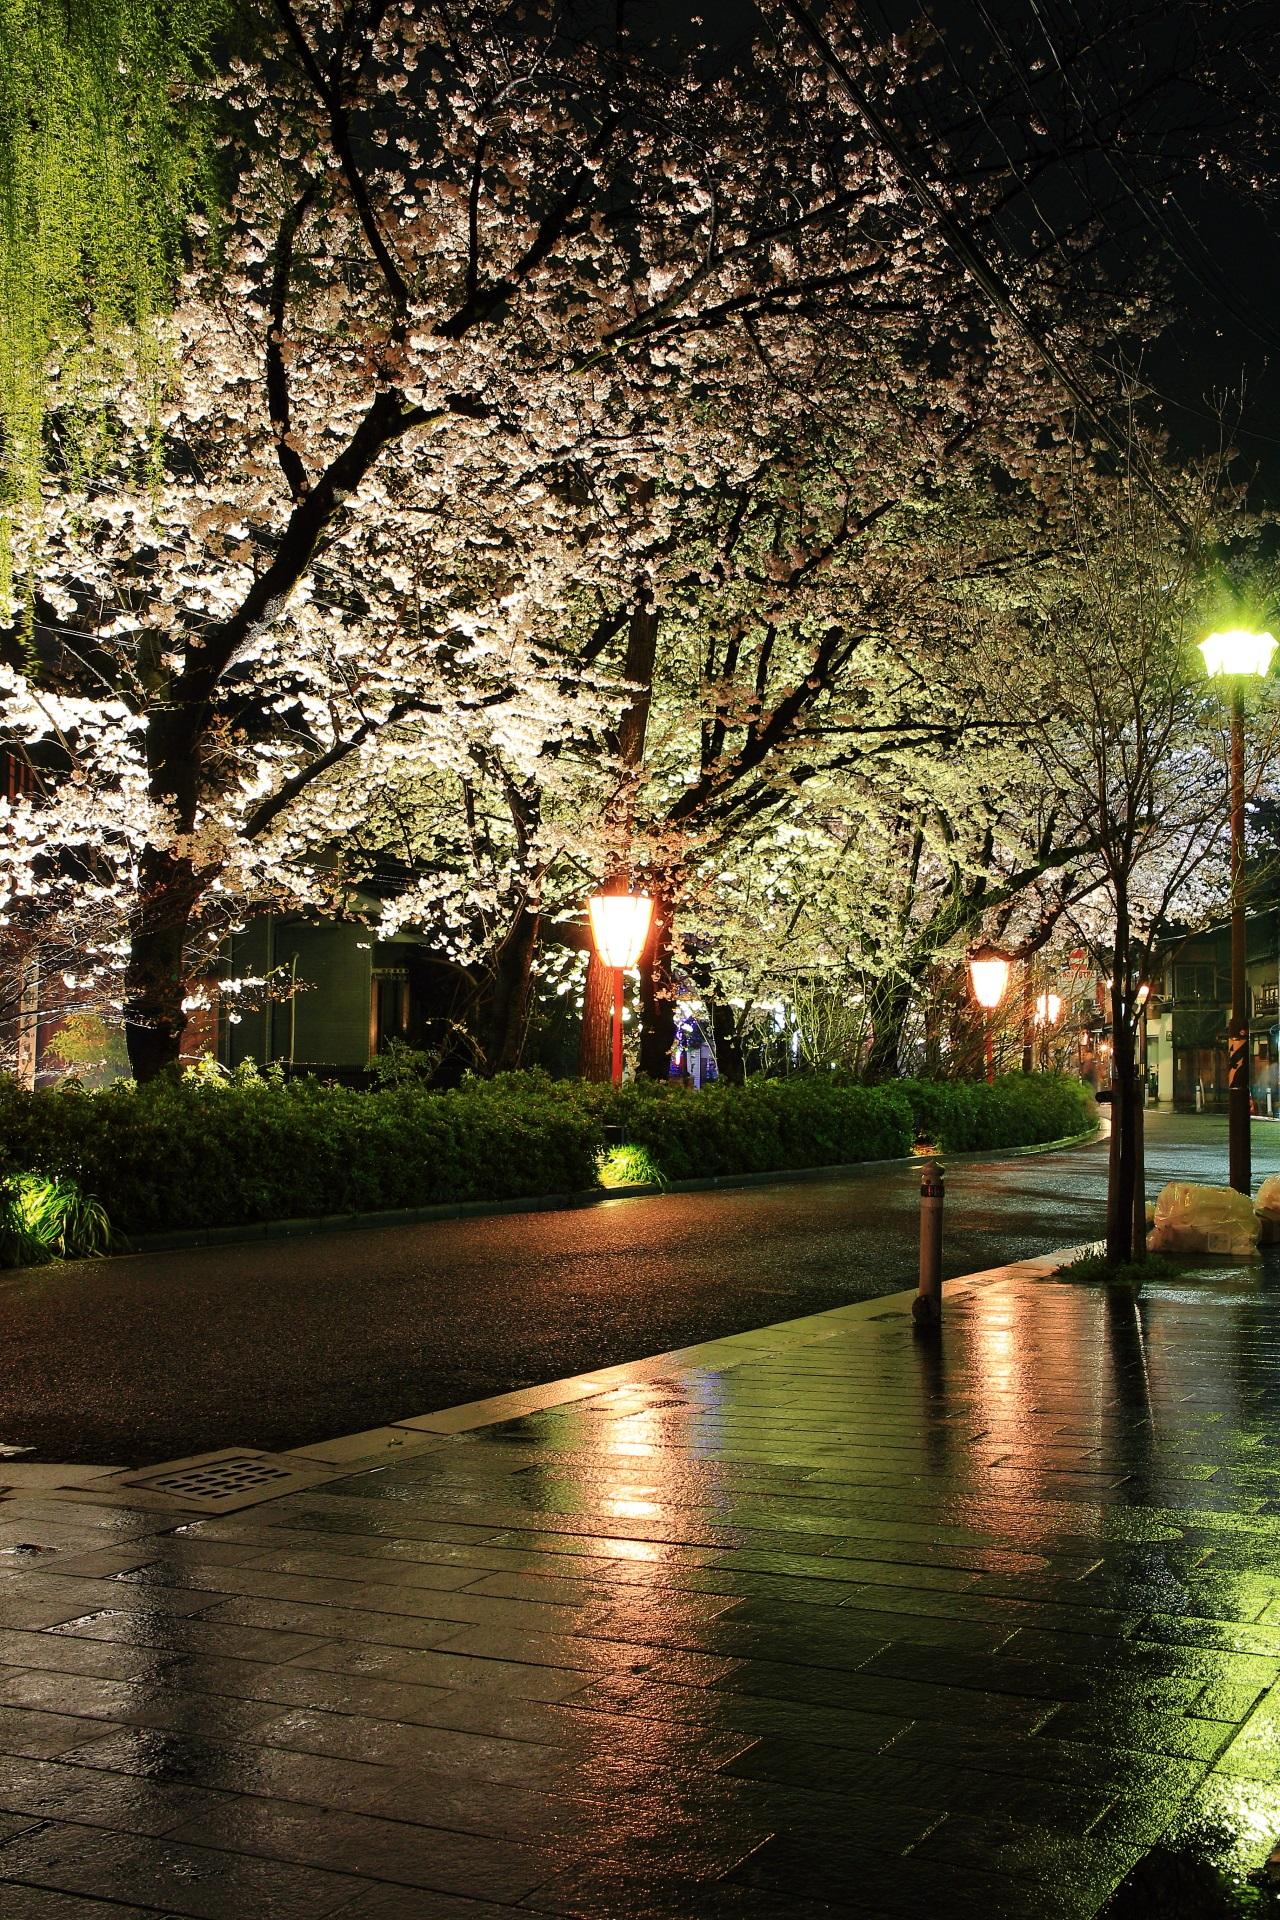 Kyoto Kiyamachi-dori Street cherryblossoms lightup